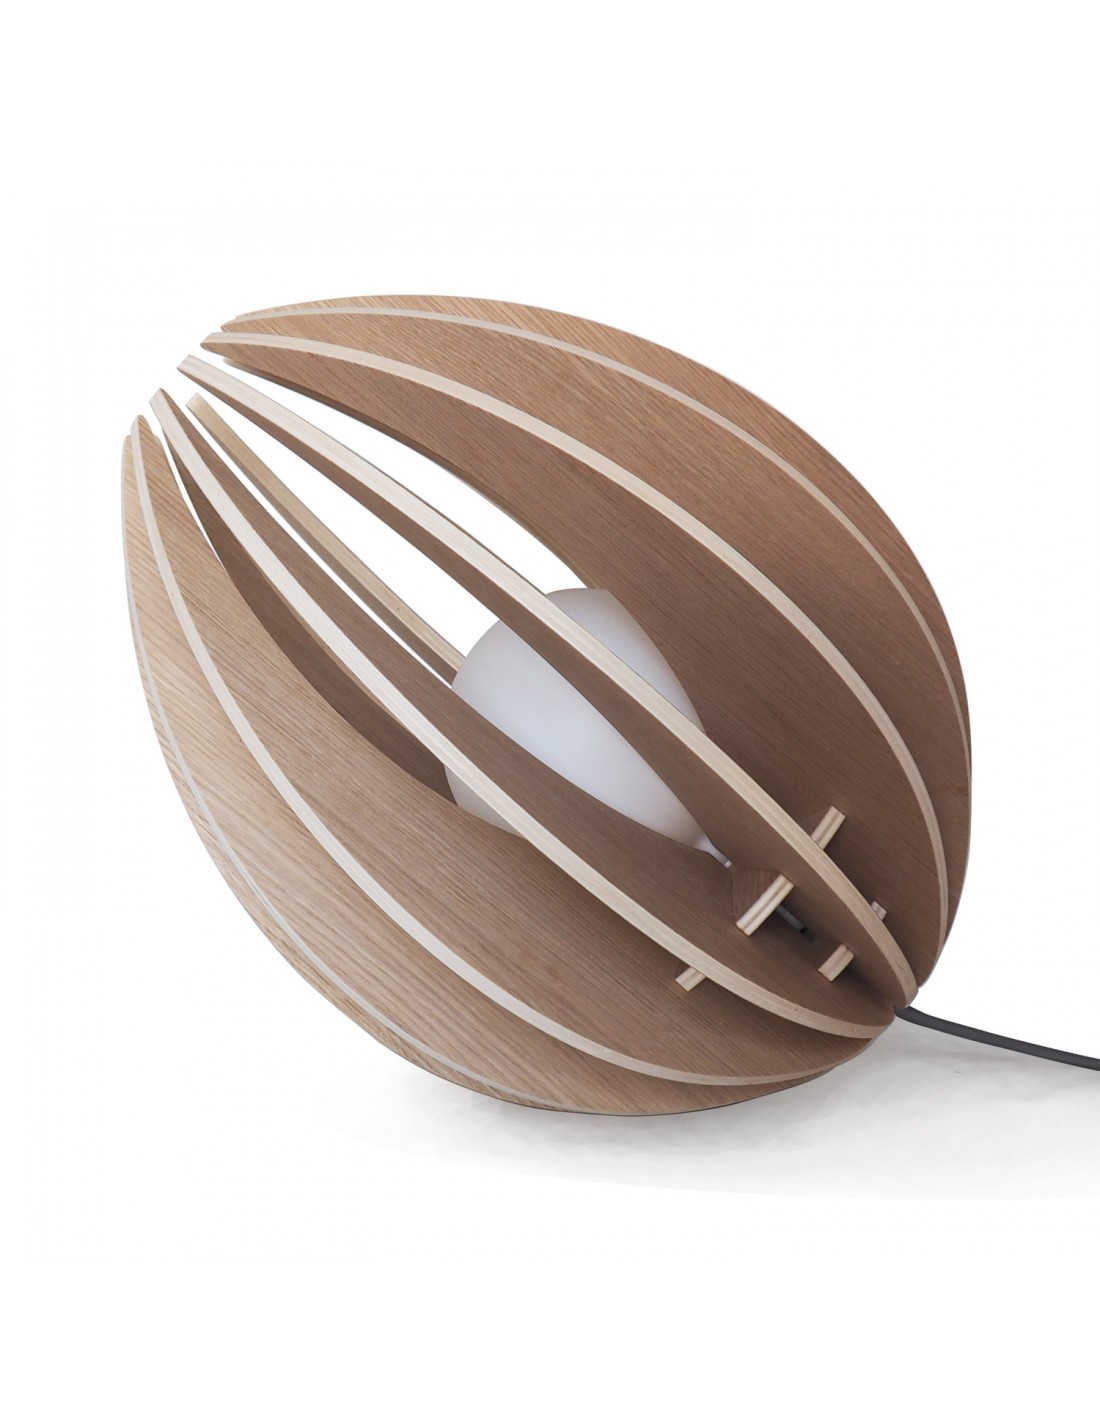 maison du monde Lampe à poser en bois avec fil noir et ampoule